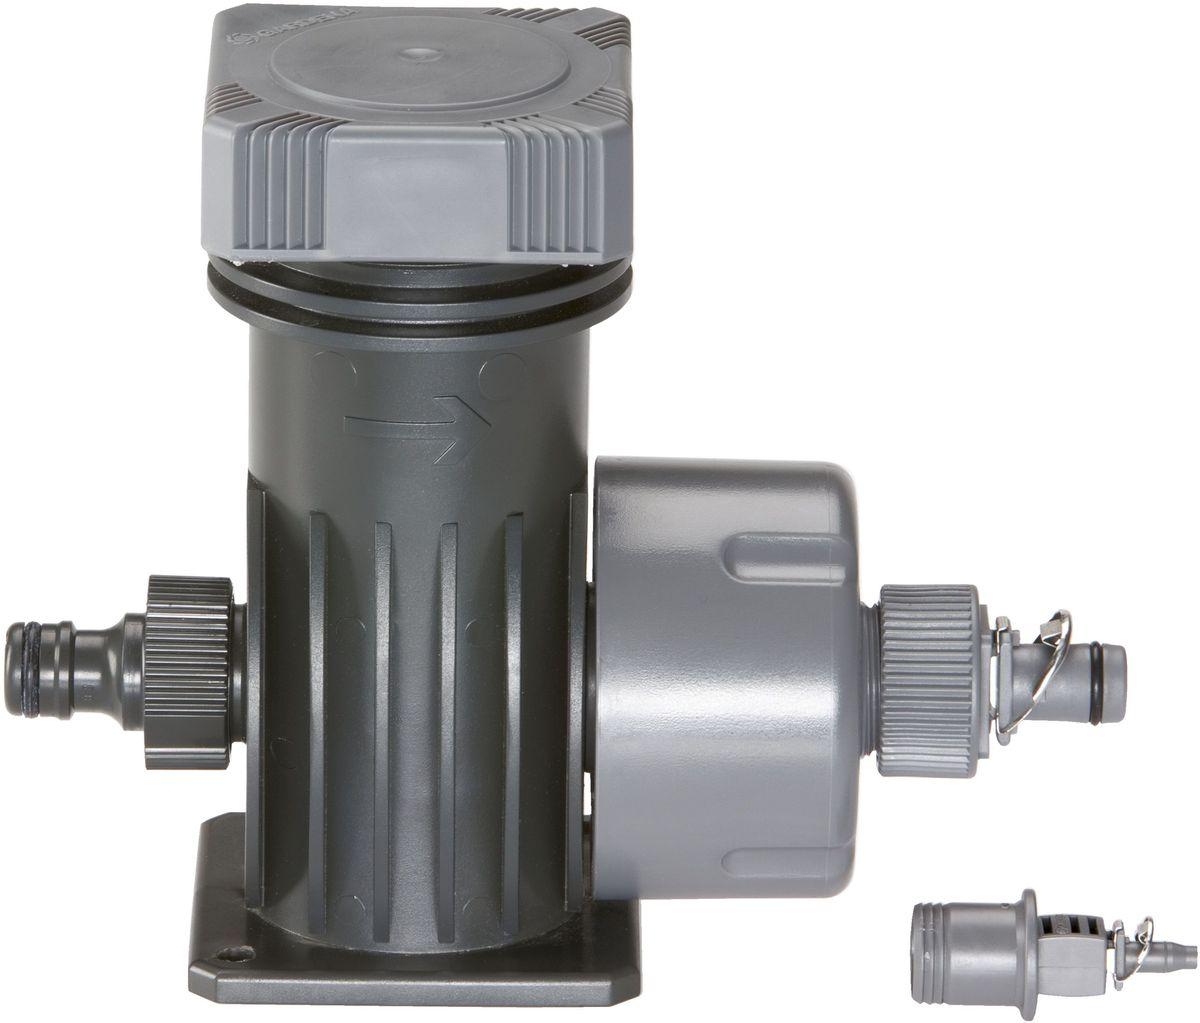 Мастер-блок Gardena, 2000 л/чА00319Мастер-блок Gardena является основным элементом системы микрокапельного полива Gardena Micro-Drip-System. За счет снижения начального давления до рабочего давления (около 1,5 бар) он обеспечивает оптимальную производительность подключенных капельниц и наконечников для полива. Производительность мастер-блока - около 2 000 л/ч. Фильтр высокой эффективности обеспечивает оптимальную фильтрацию воды. Мастер-блок снабжен всеми необходимыми соединителями. Благодаря патентованной технологии быстрого подсоединения Quick & Easy, установка мастер-блока чрезвычайно проста.